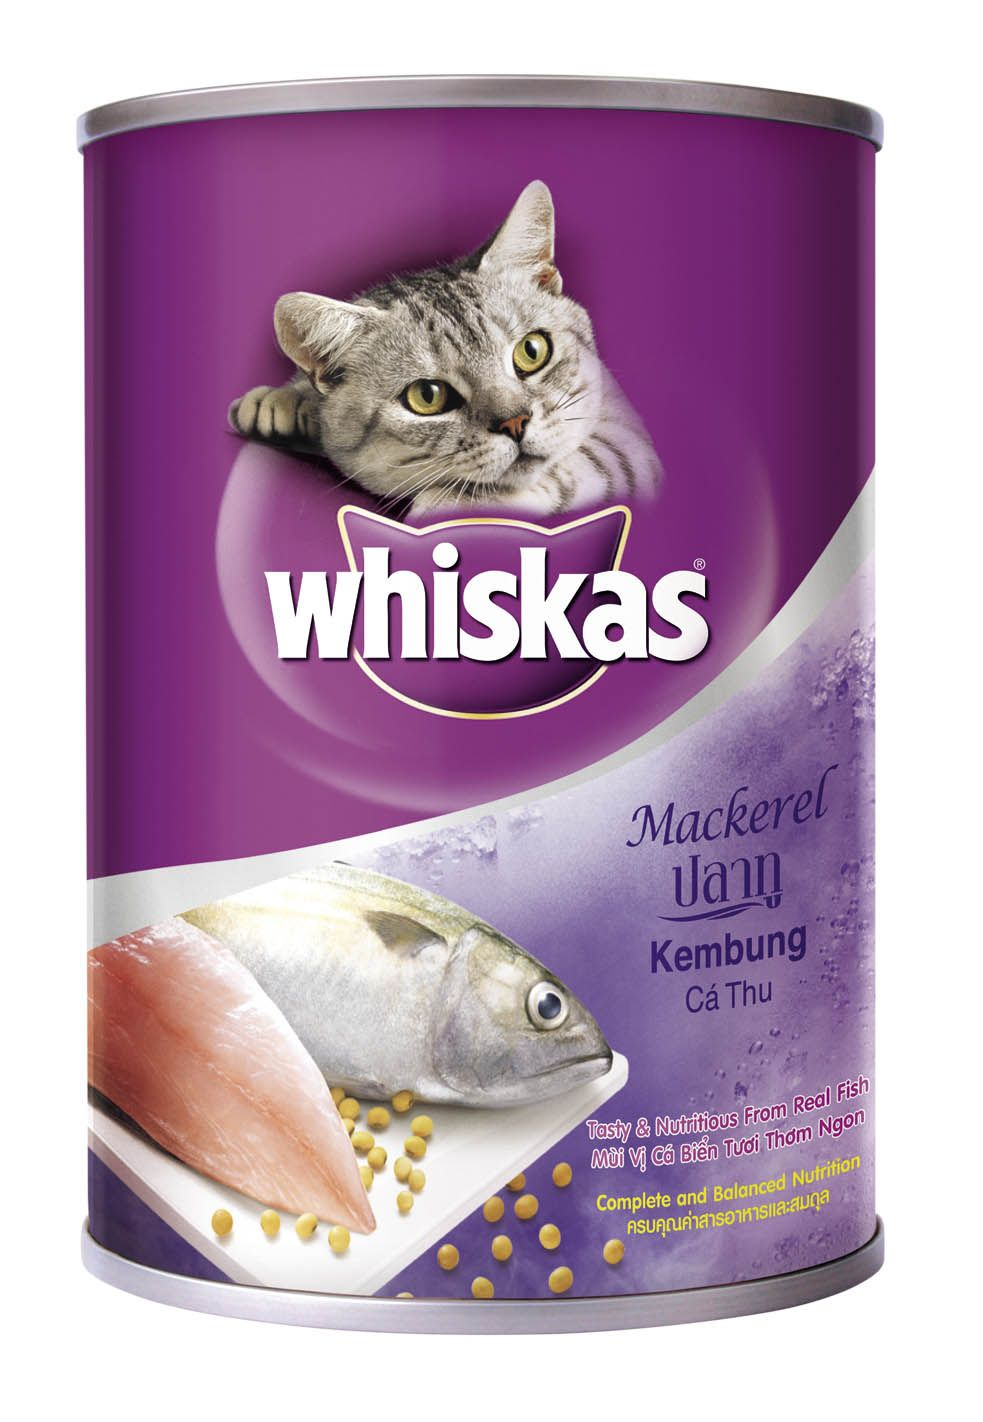 ว สก ส อาหารแมว รสปลาท 400 กร ม ด วยส วนผสมจากปลาท ปลาซาร ด น กล นหอมย วน ำลายเจ าเหม ยว แถมย งม สารอาหารท ครบถ วนและสมด ลย อร อยแ Installation Shopping